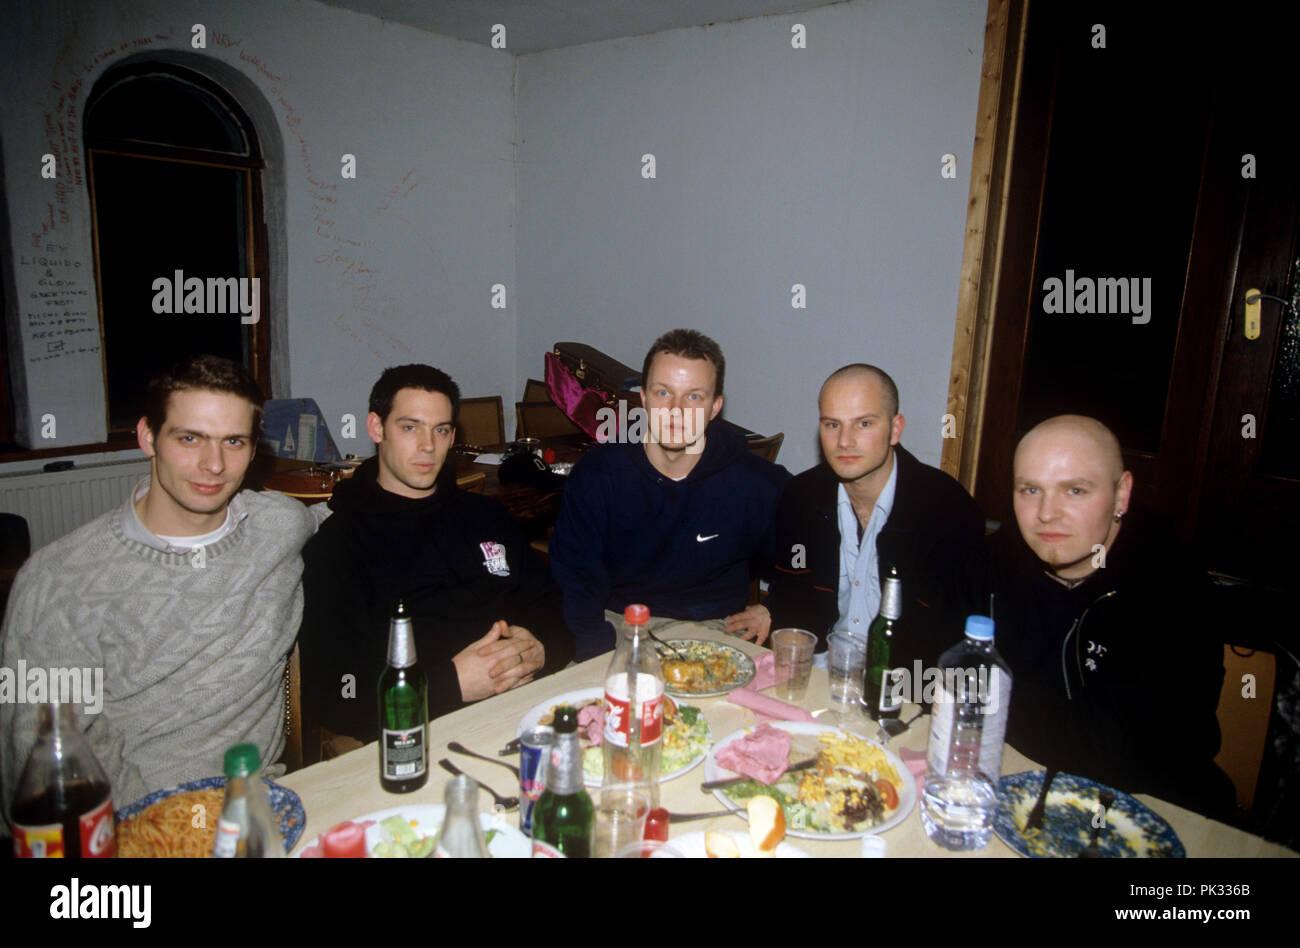 Liquido en 14.03.1999 en Bonn. Uso | en todo el mundo Imagen De Stock